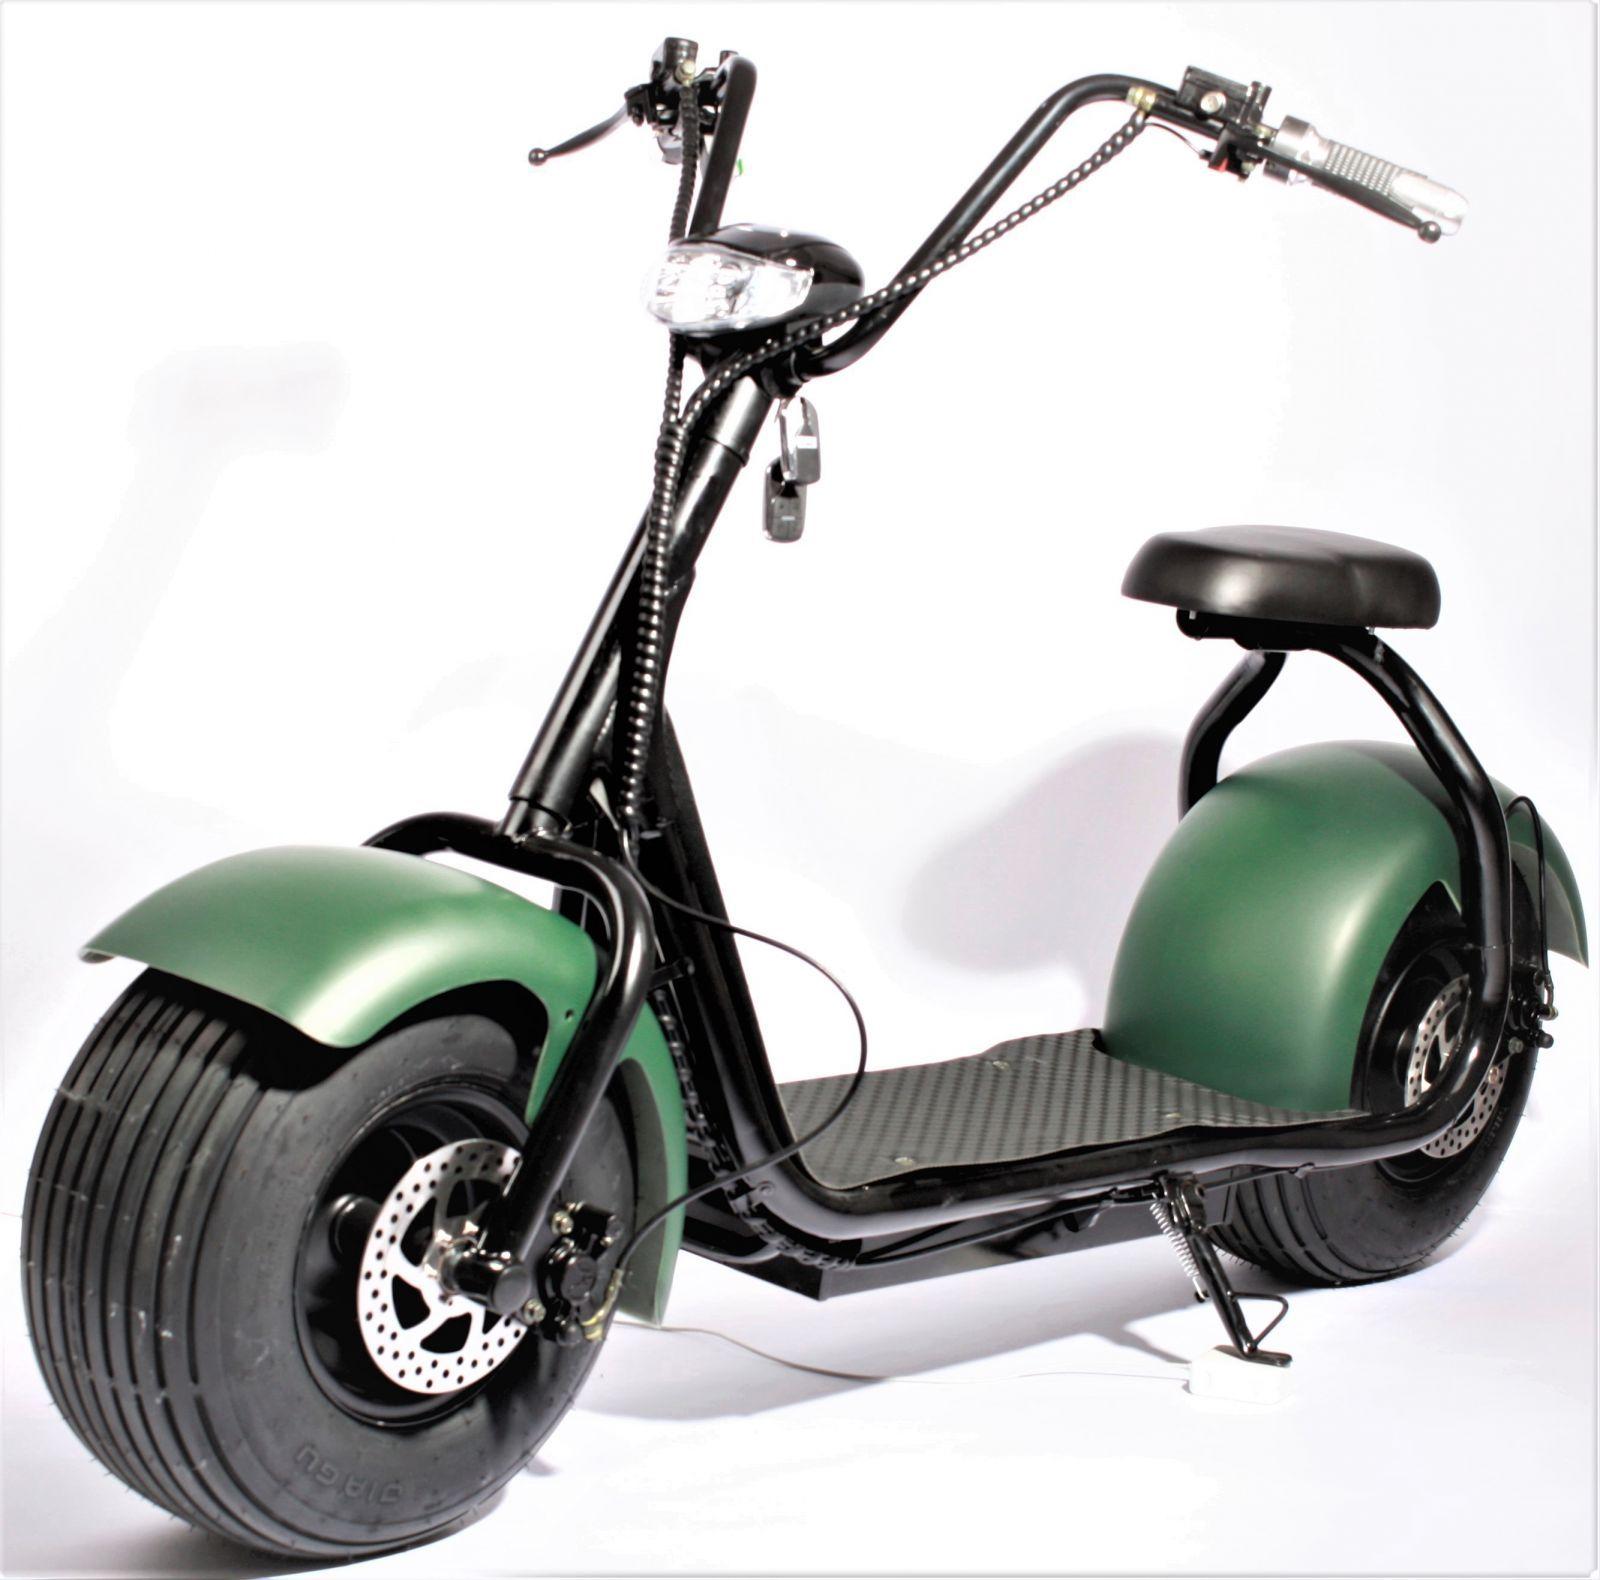 kolobezka-elektrokolobezka-eco-highway-scooter